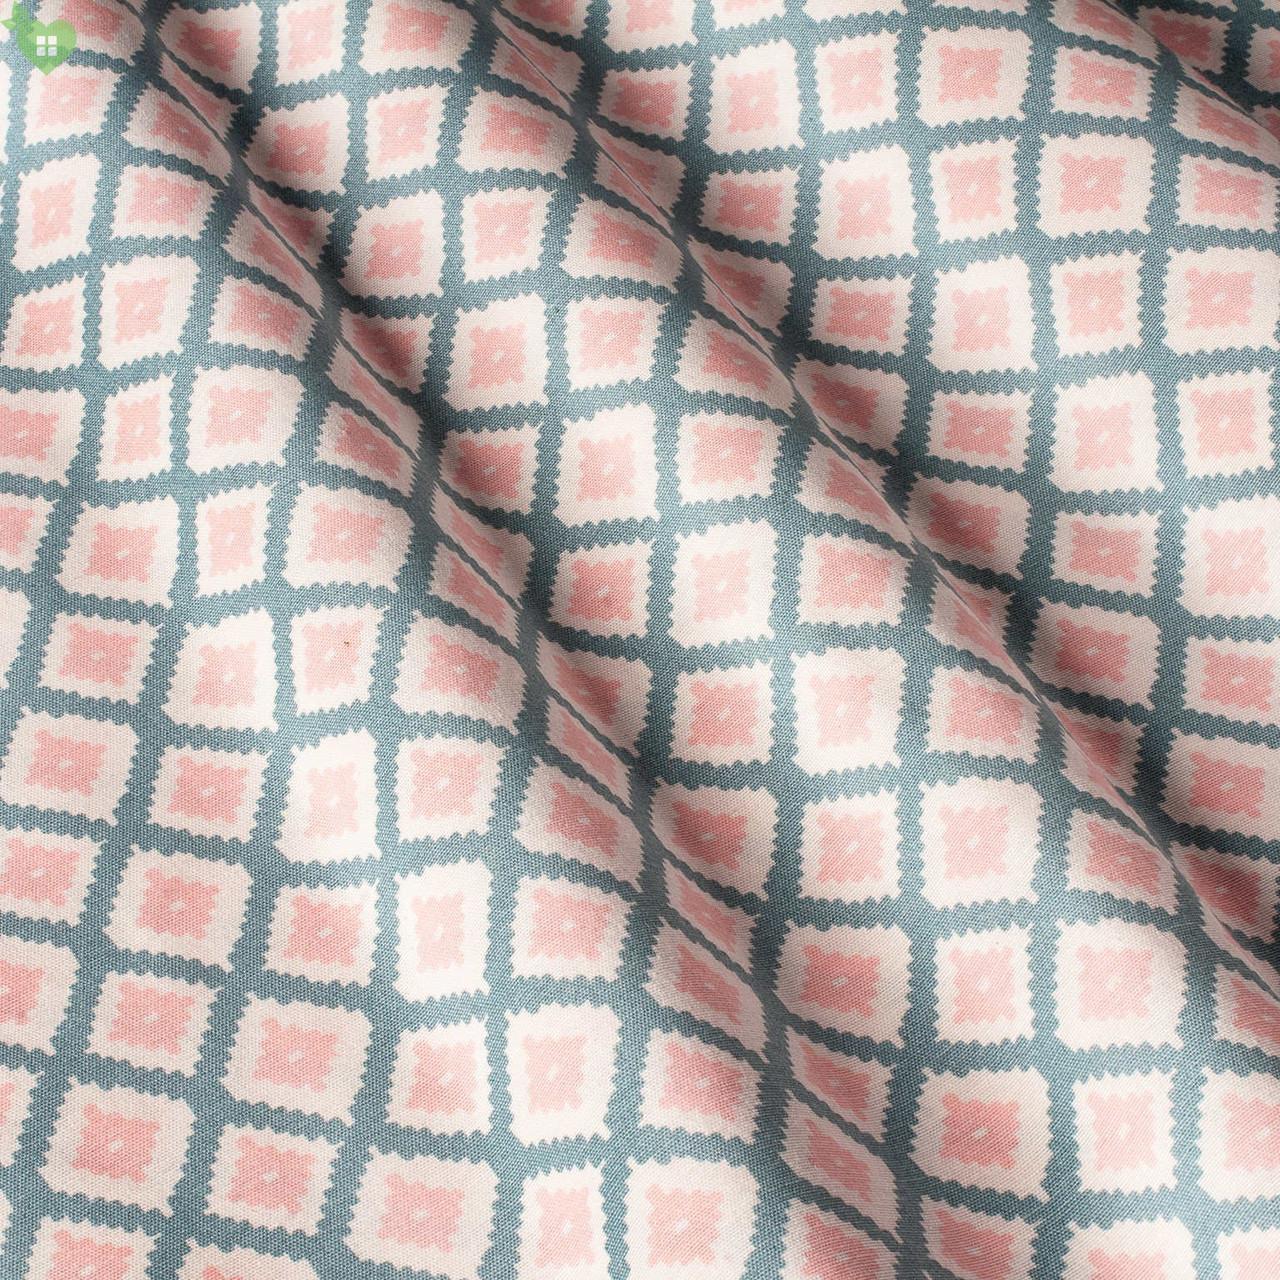 Ткань декоративная хлопковая для штор, покрывал, подушек с тефлоном ширина 280 см 82837v1